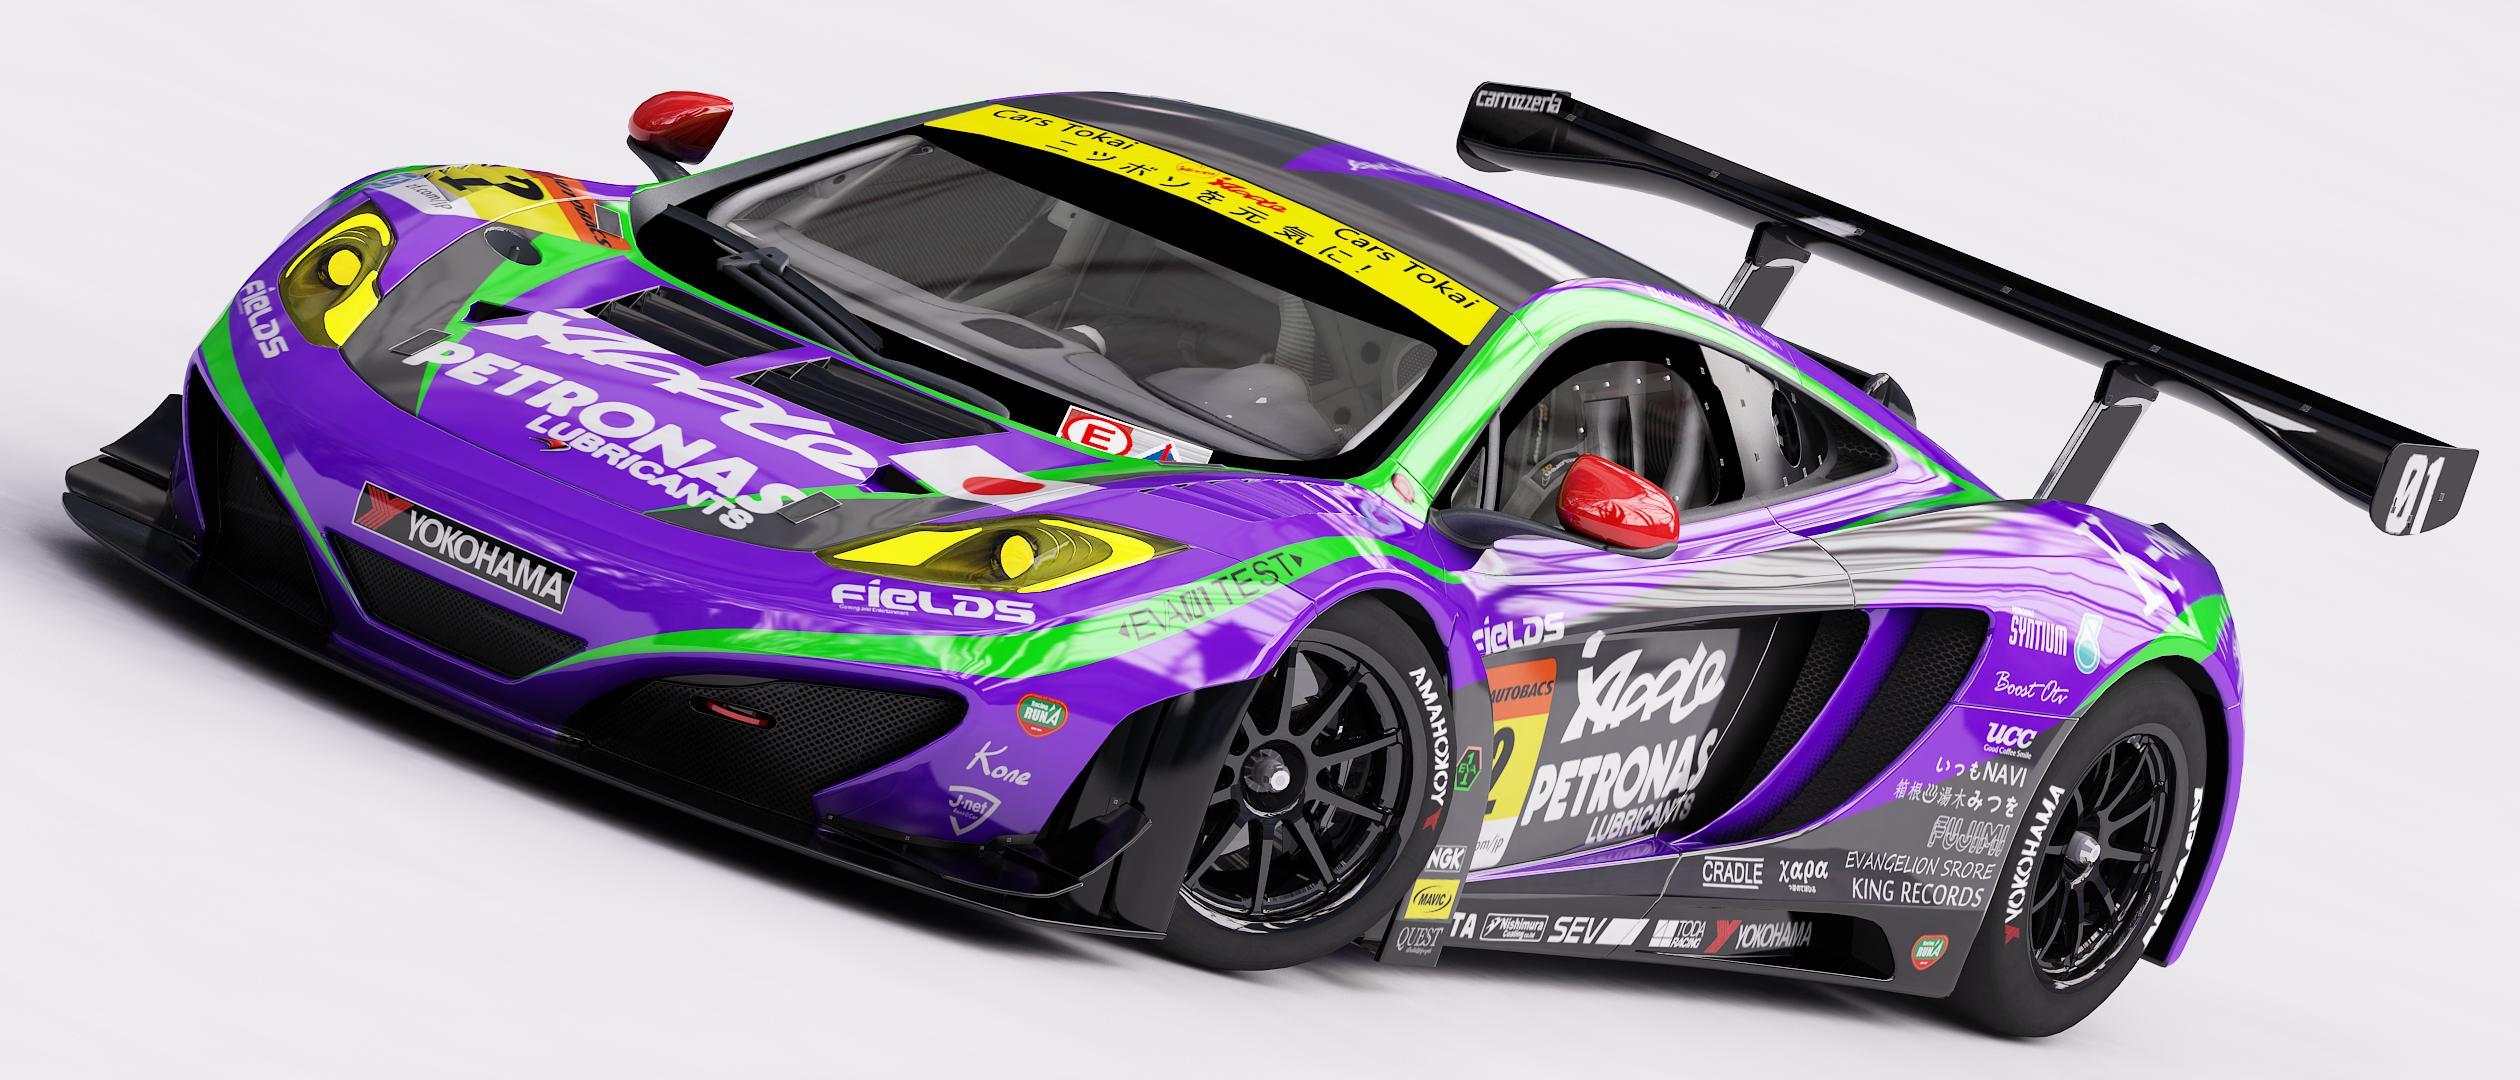 Super Gt 2013 Mclaren Mp4 12c Gt3 Eva 01 Test Racing